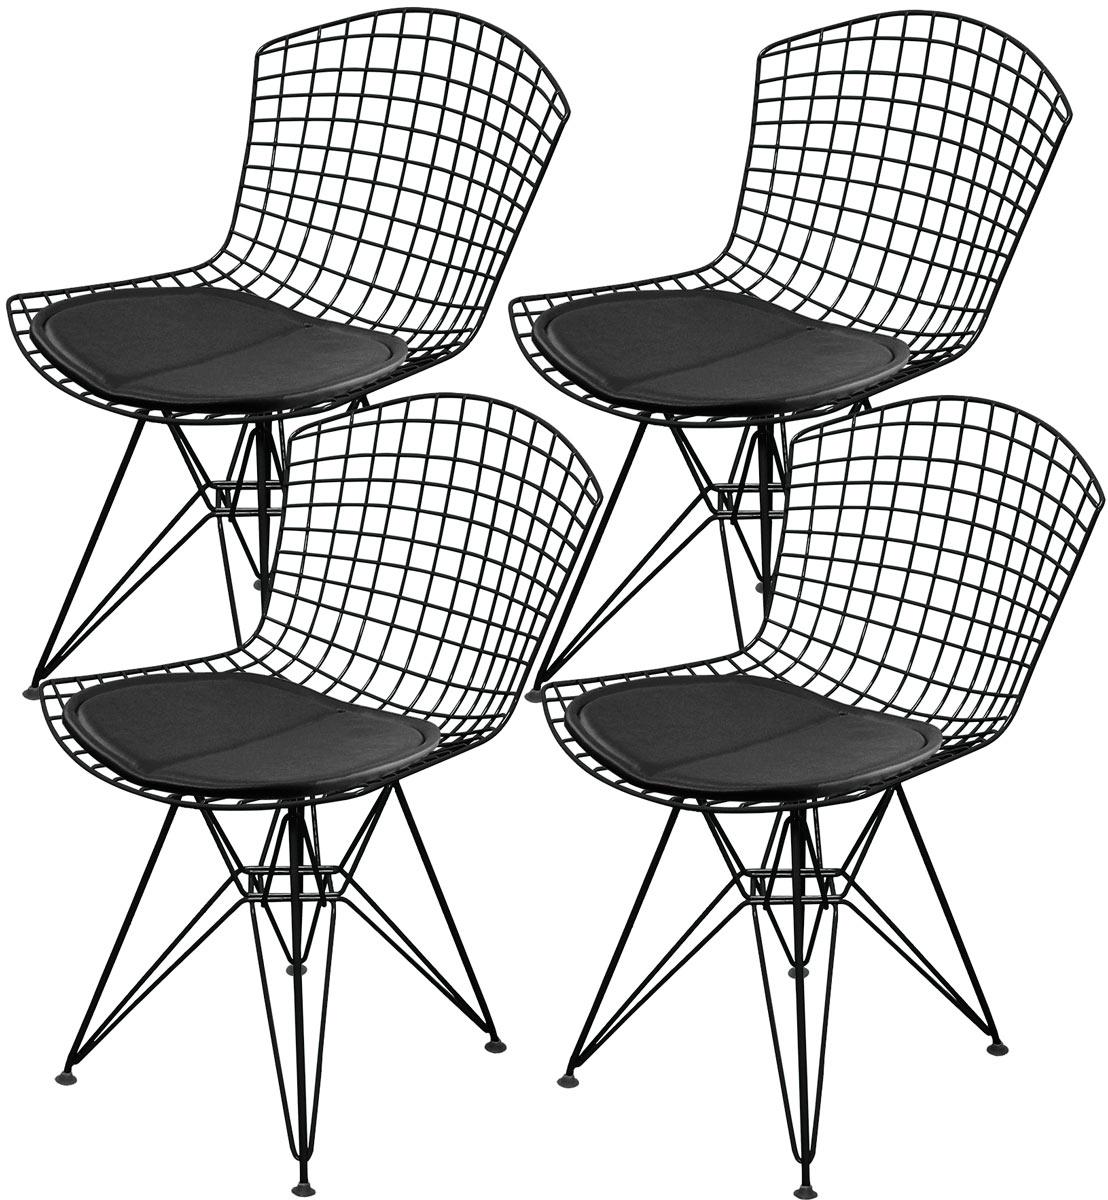 Kit 4x Cadeira Bertoia DKR Preta com Assento - Pintada Epoxi - Ponta de estoque